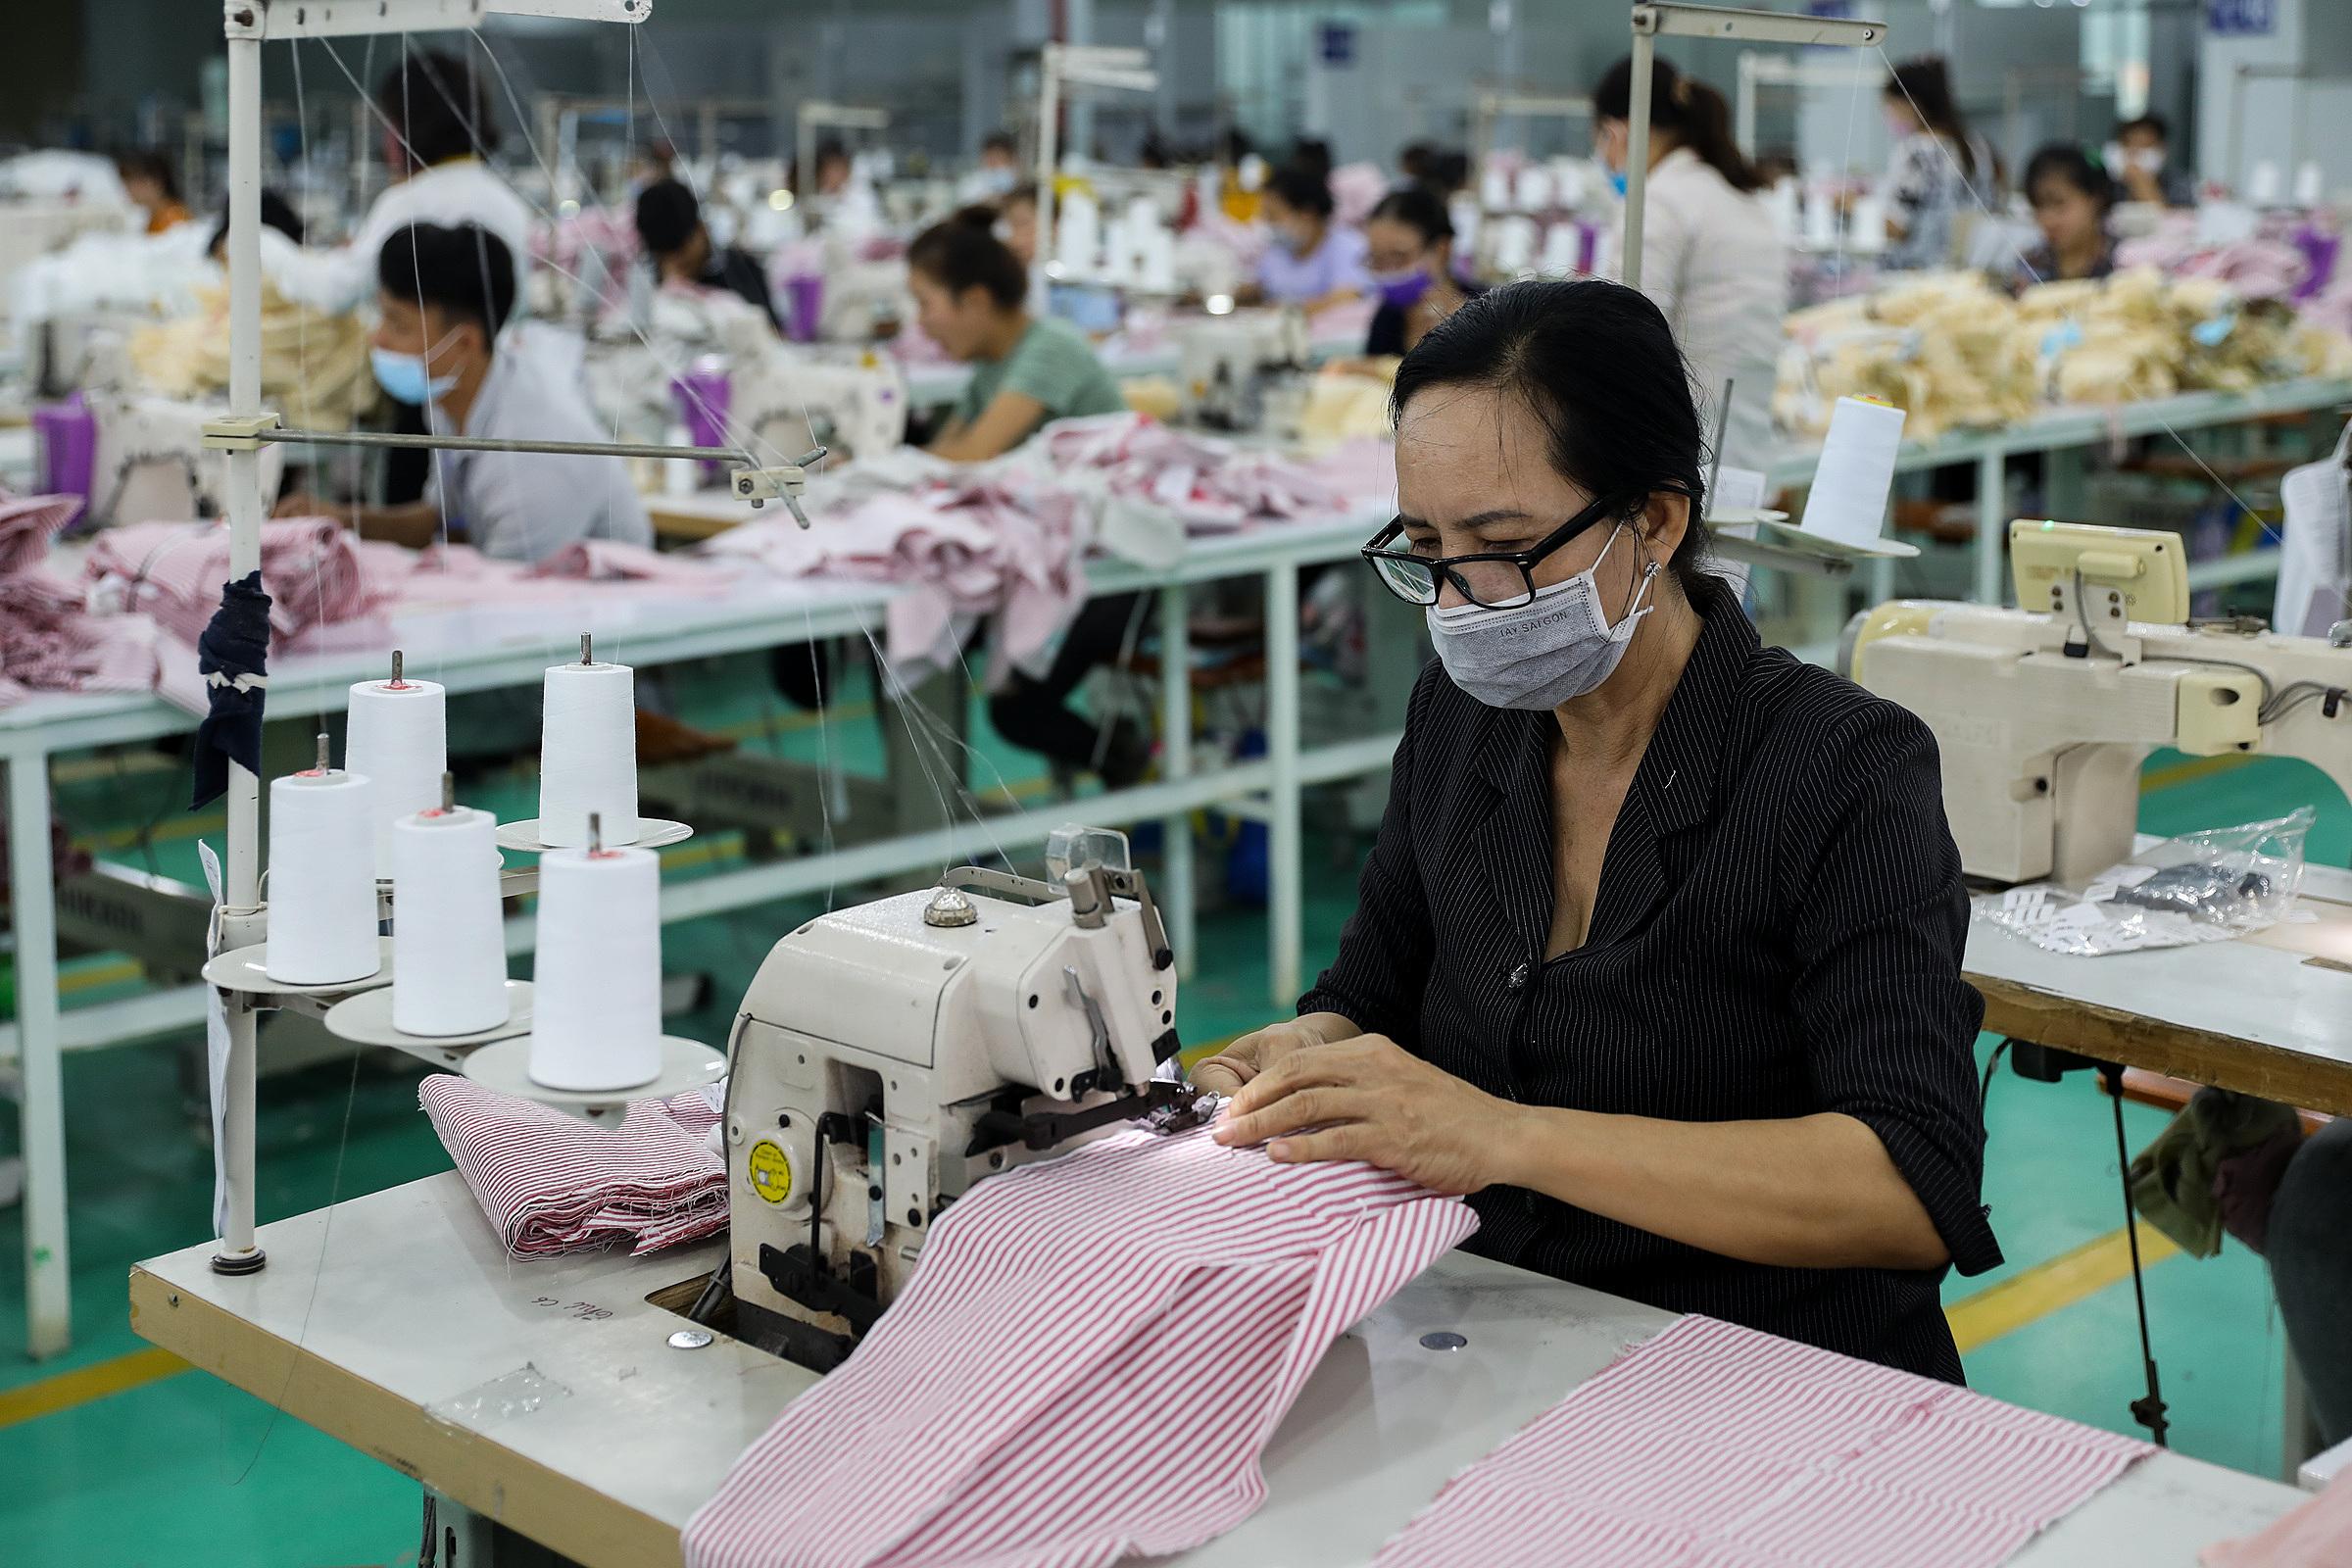 Công nhân làm việc trong một công ty may mặc ở KCN Tân Đô, Long An. Ảnh: Quỳnh Trần.